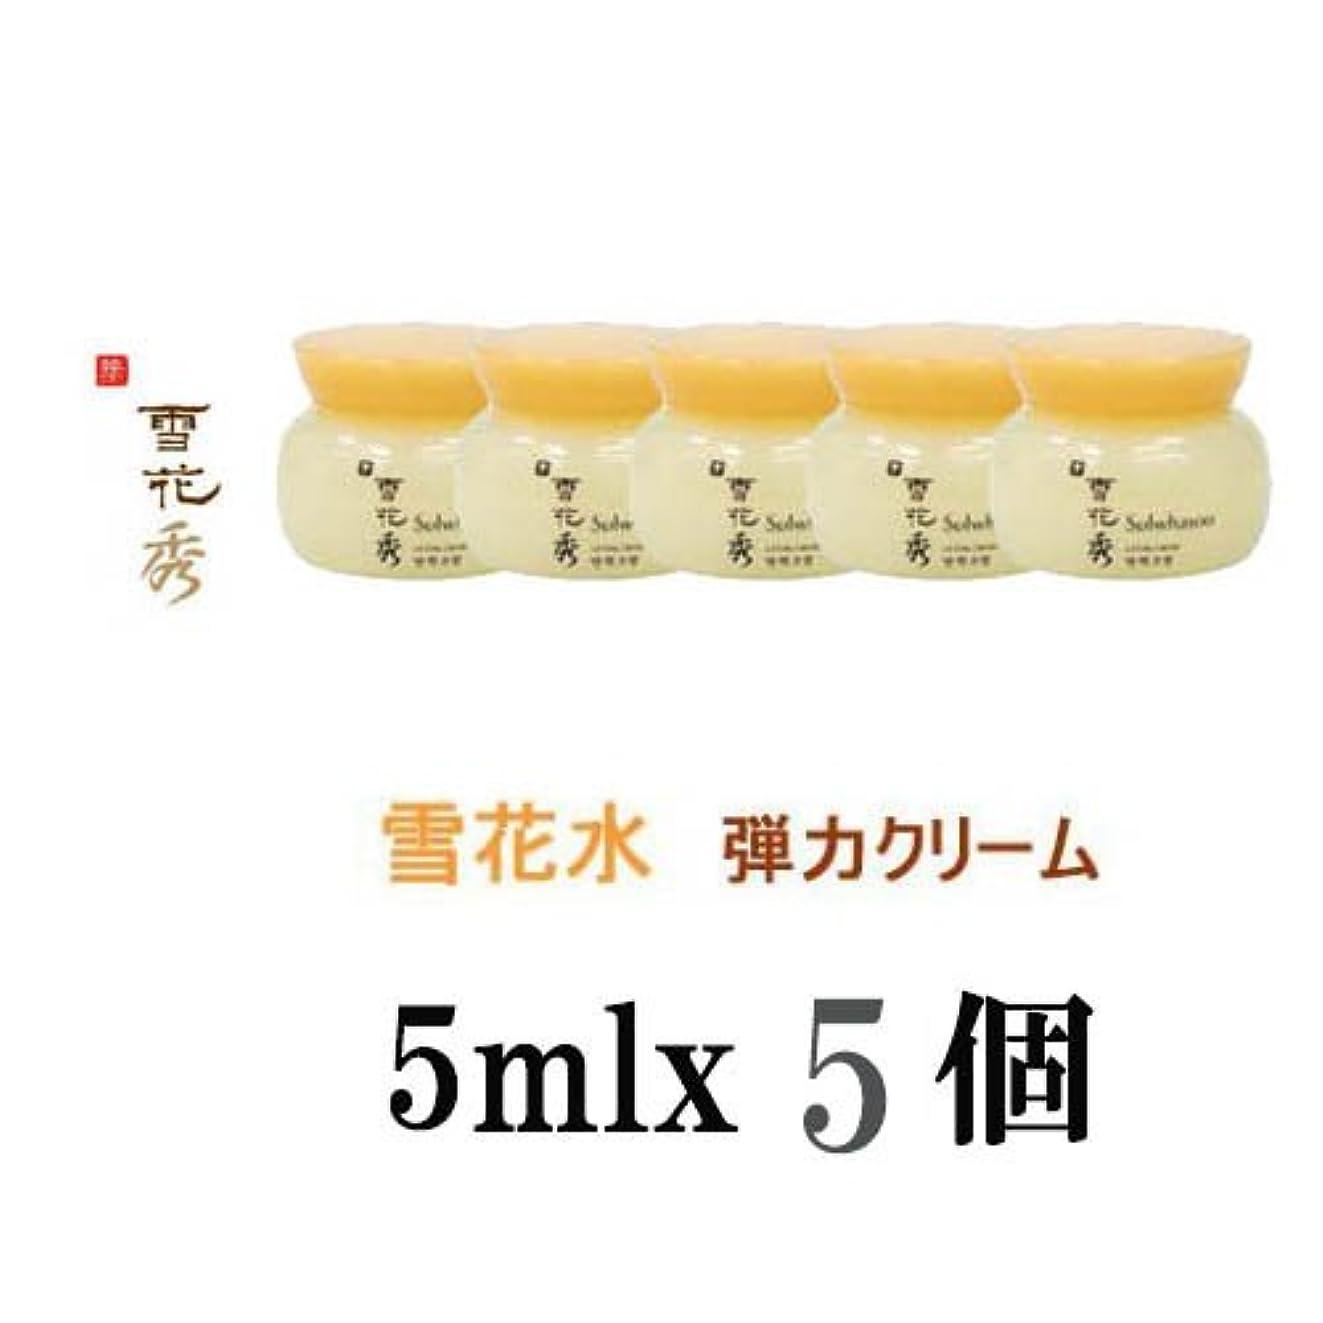 楽な組合計雪花秀/ソルファス 弾力クリーム潤い/乾燥肌/漢方コスメ//5mlx5個